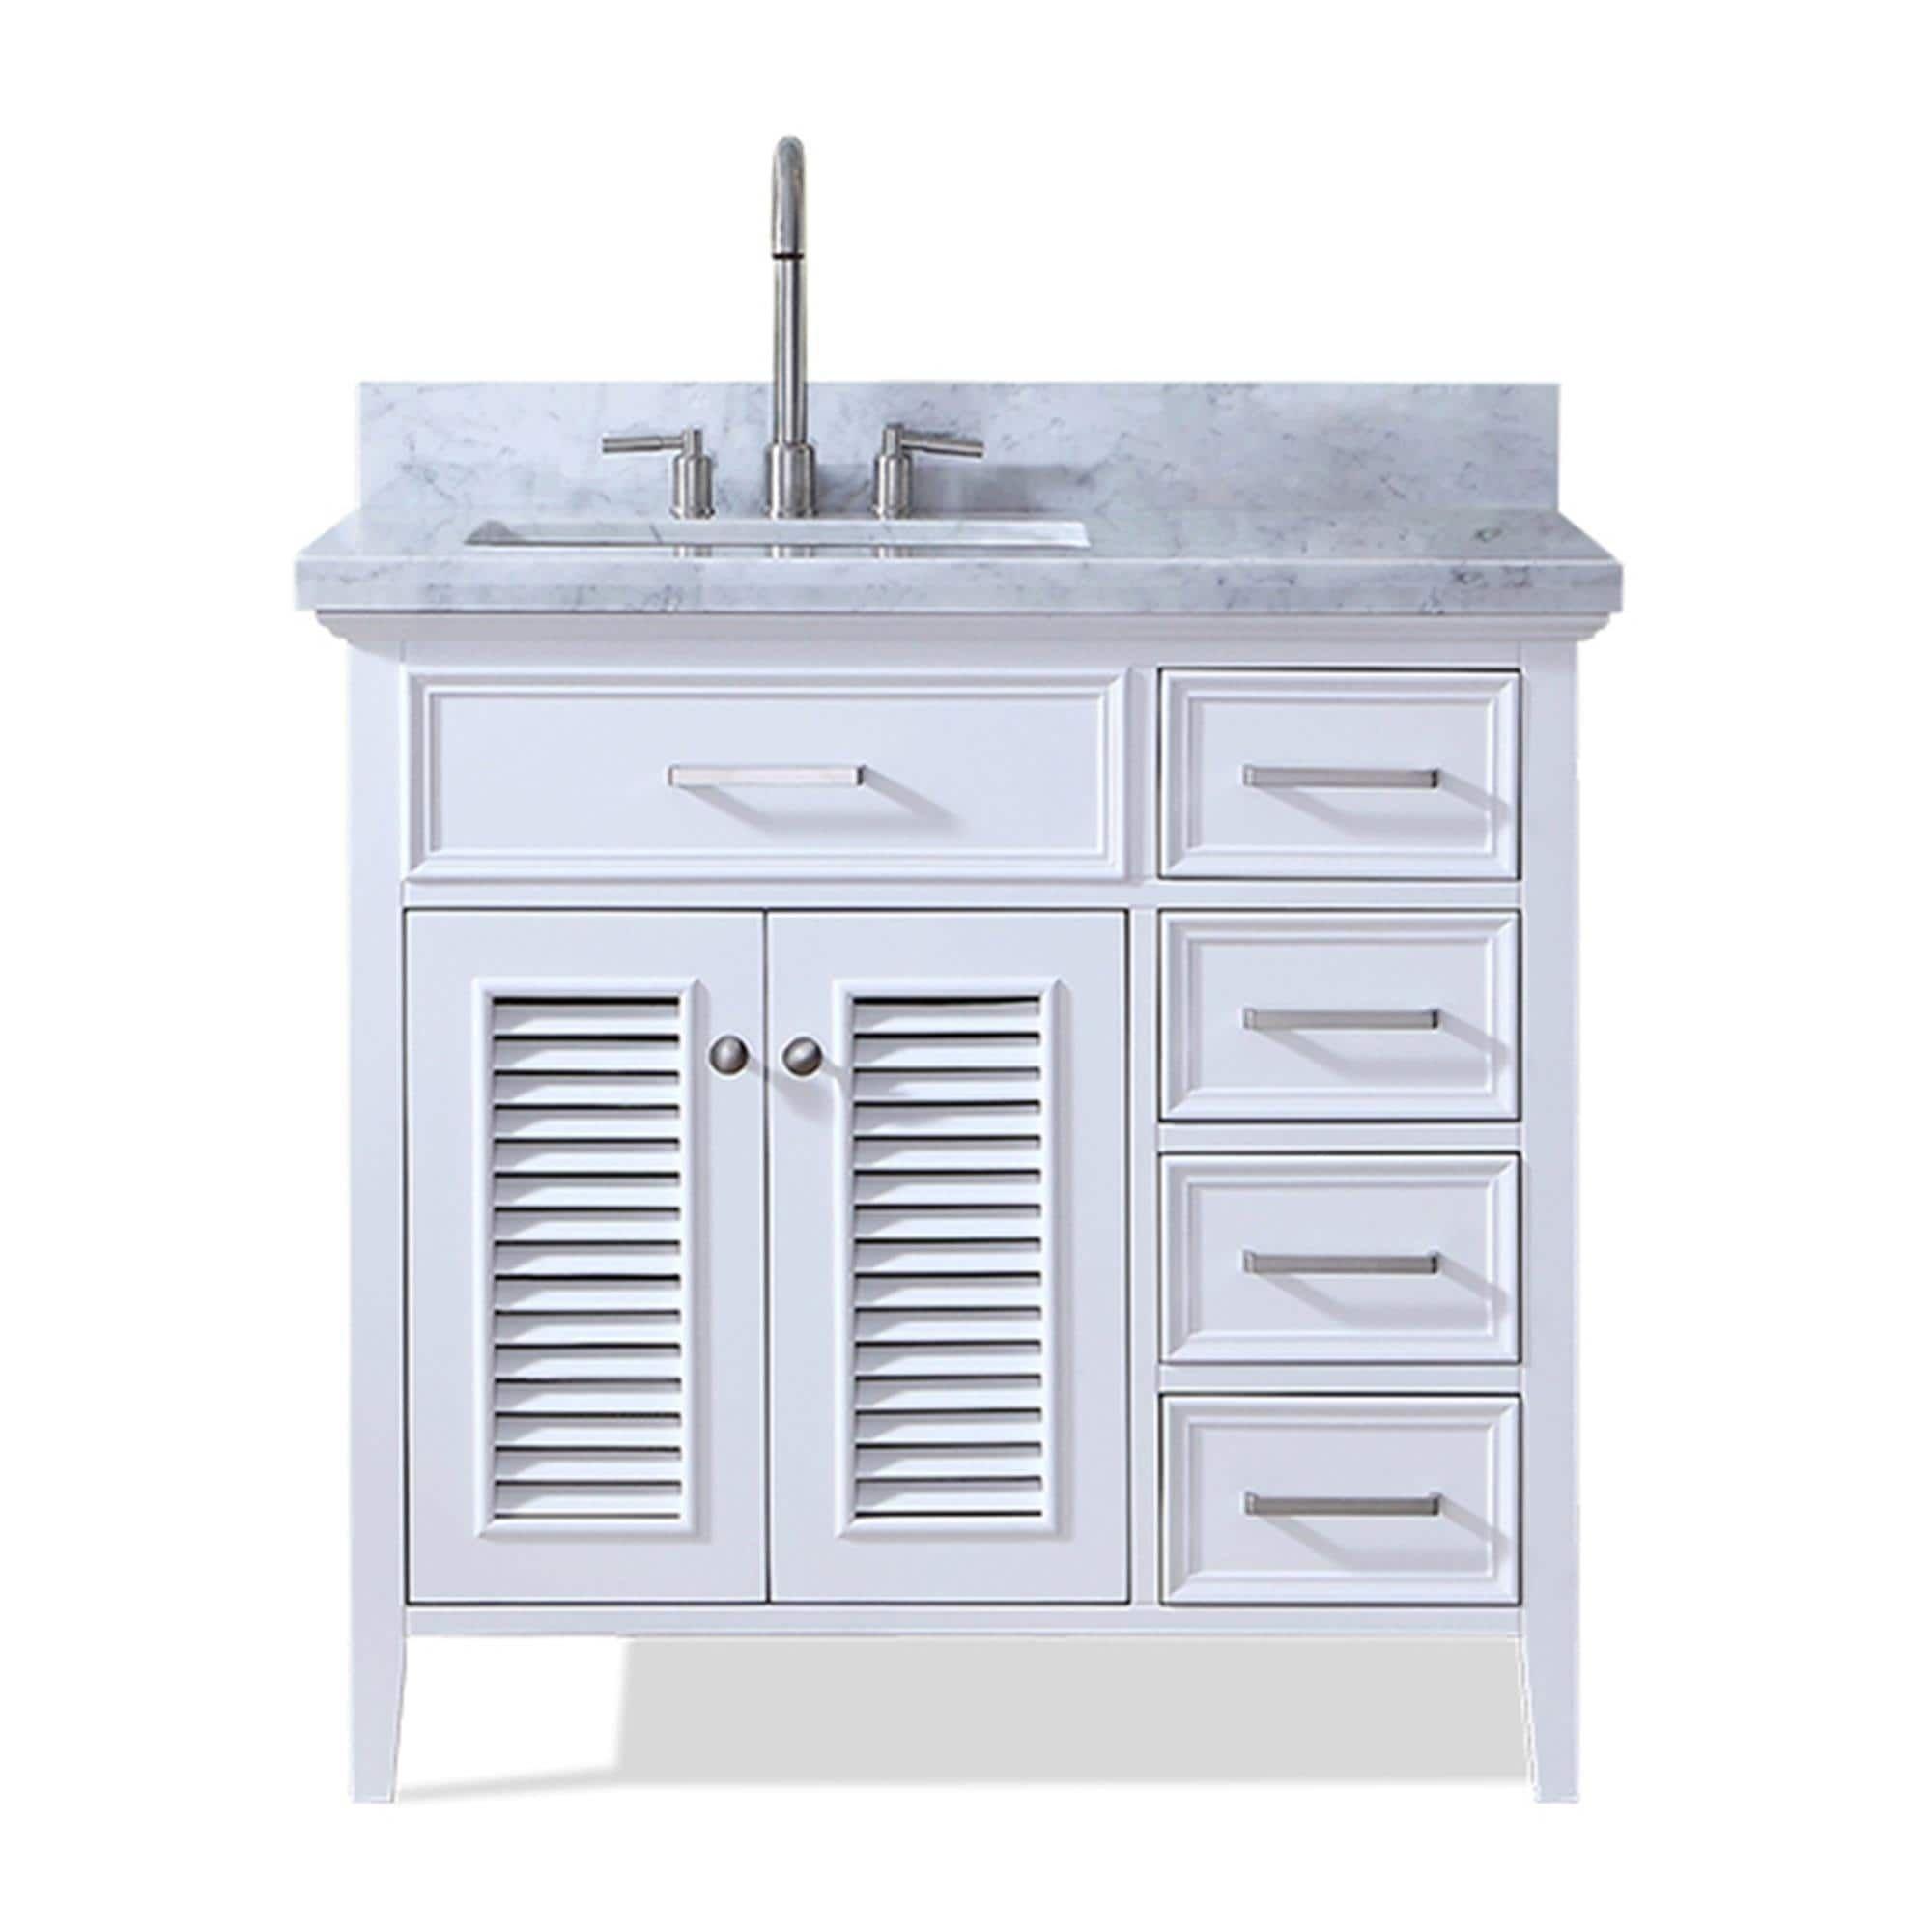 Ariel Kensington 37 In Left Offset Single Sink Vanity In White Gray Single Sink Bathroom Vanity Bathroom Sink Vanity Single Sink Vanity